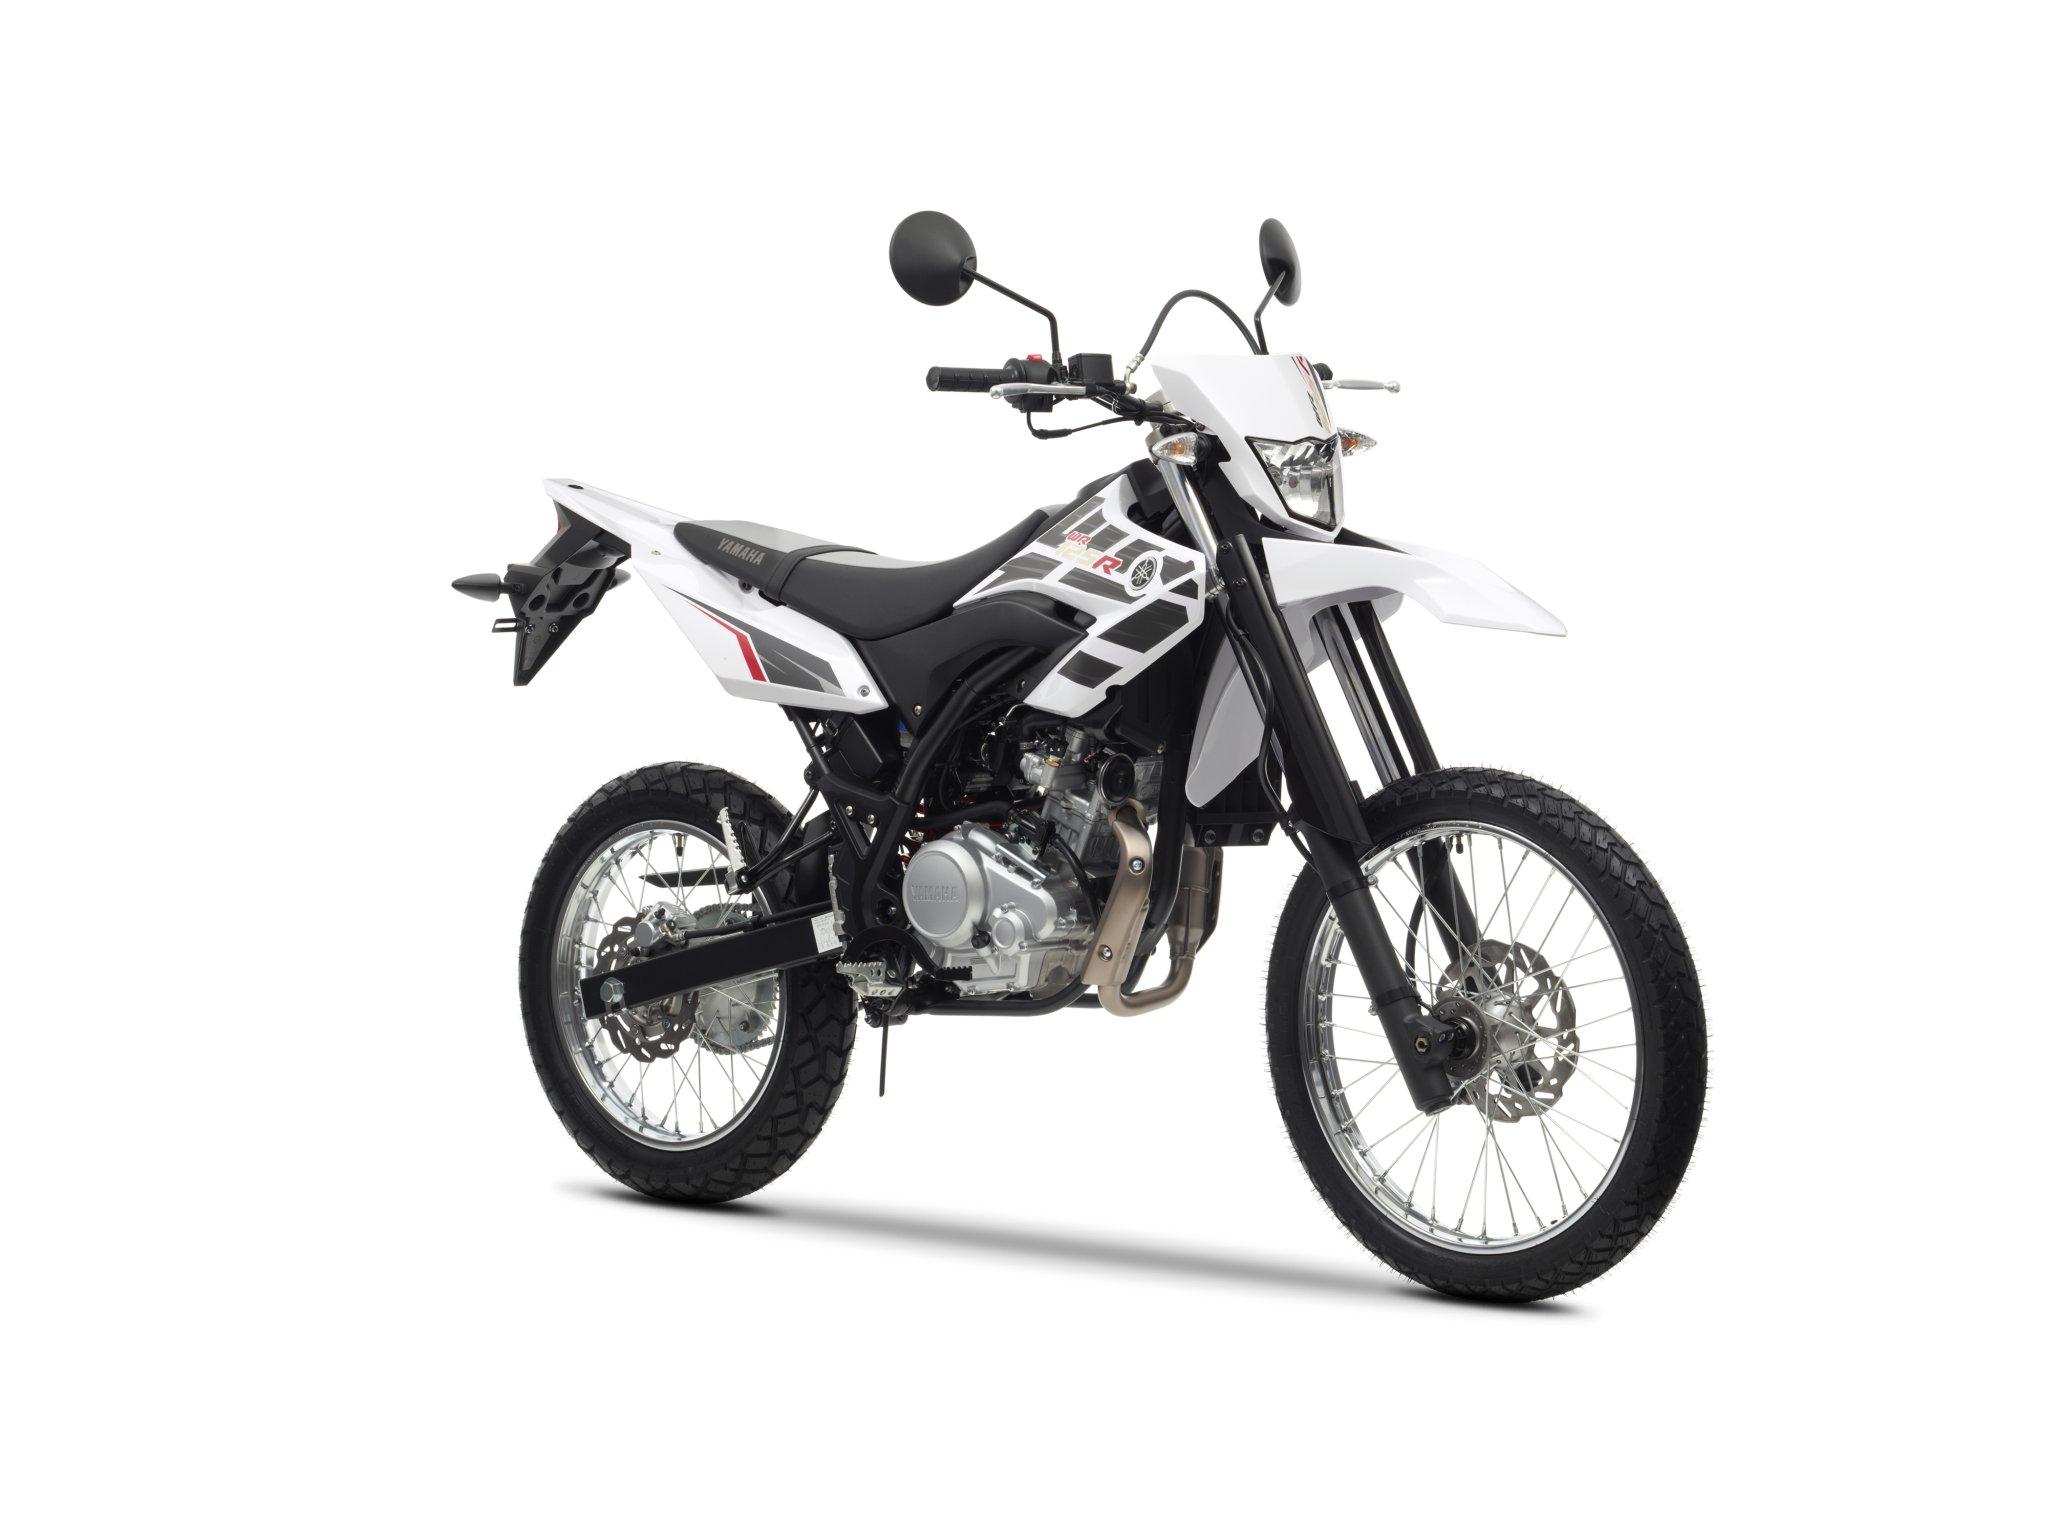 Gebrauchte Und Neue Yamaha Wr 125 R Motorr Der Kaufen